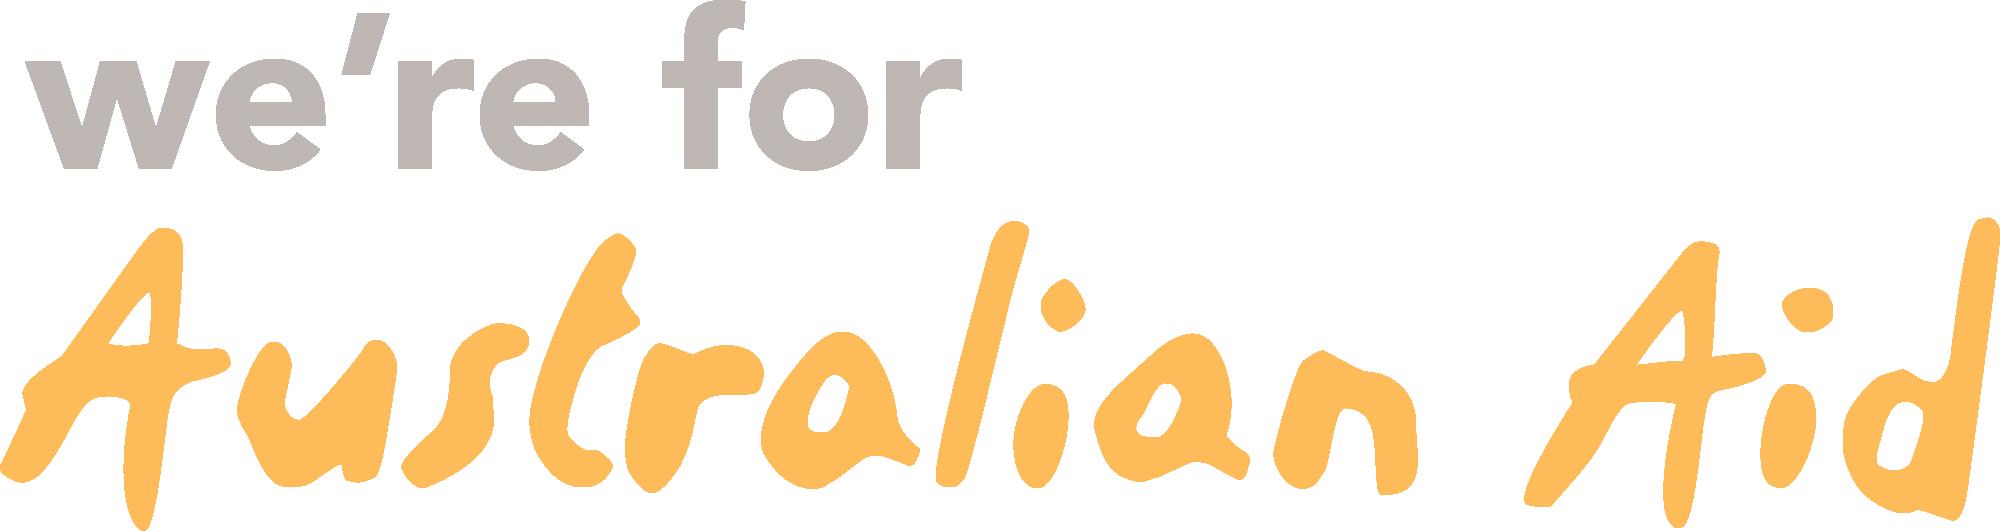 aa.logo.partners.portrait.colour.png